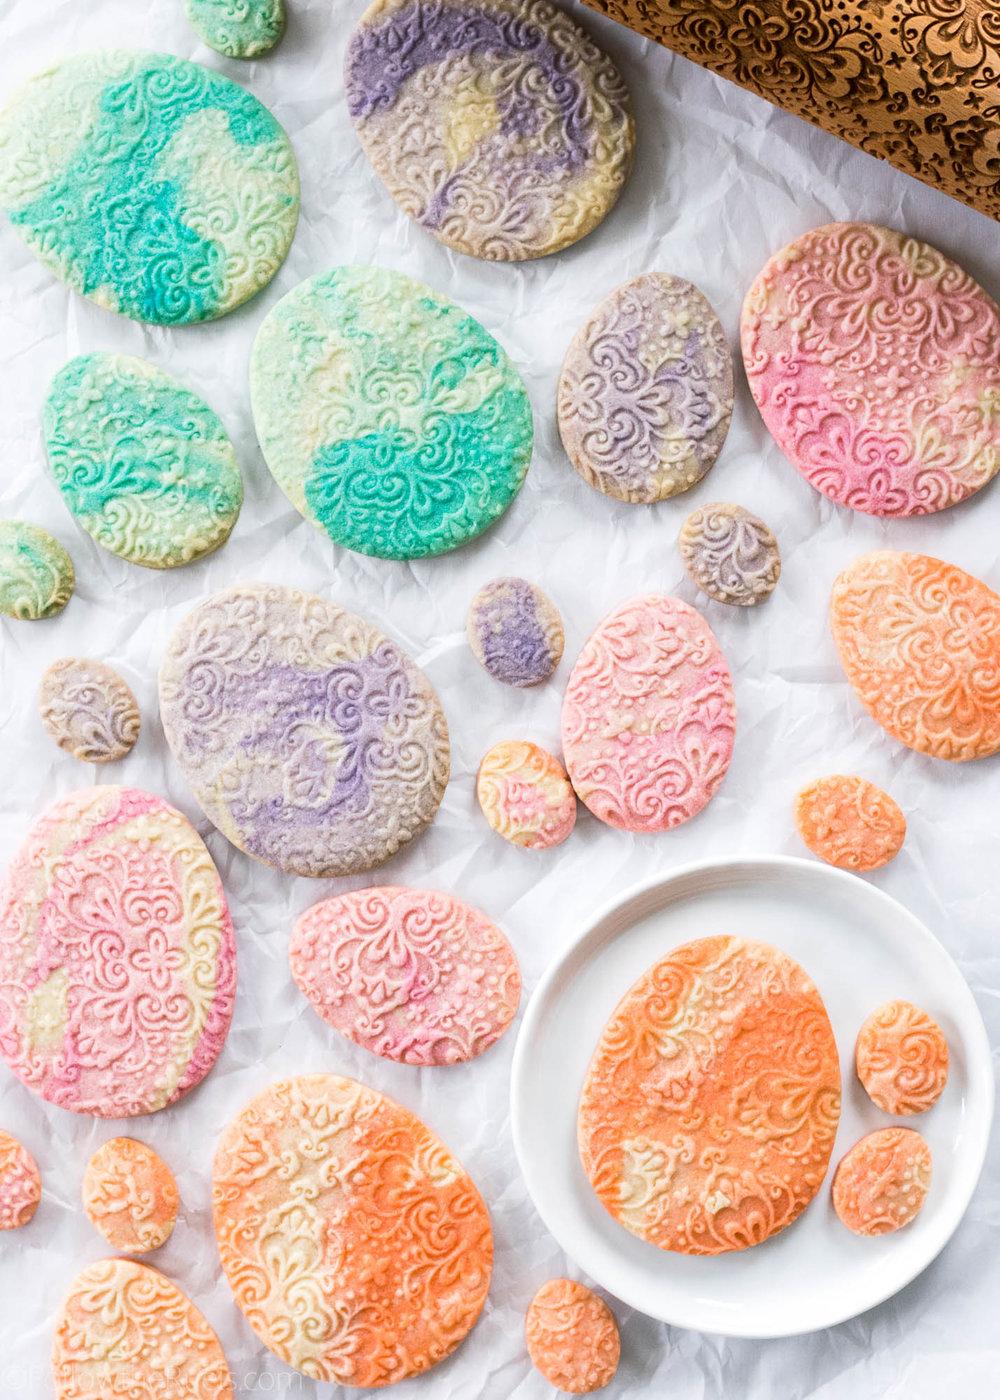 Embossed-Marble-Sugar-Cookies-10.jpg